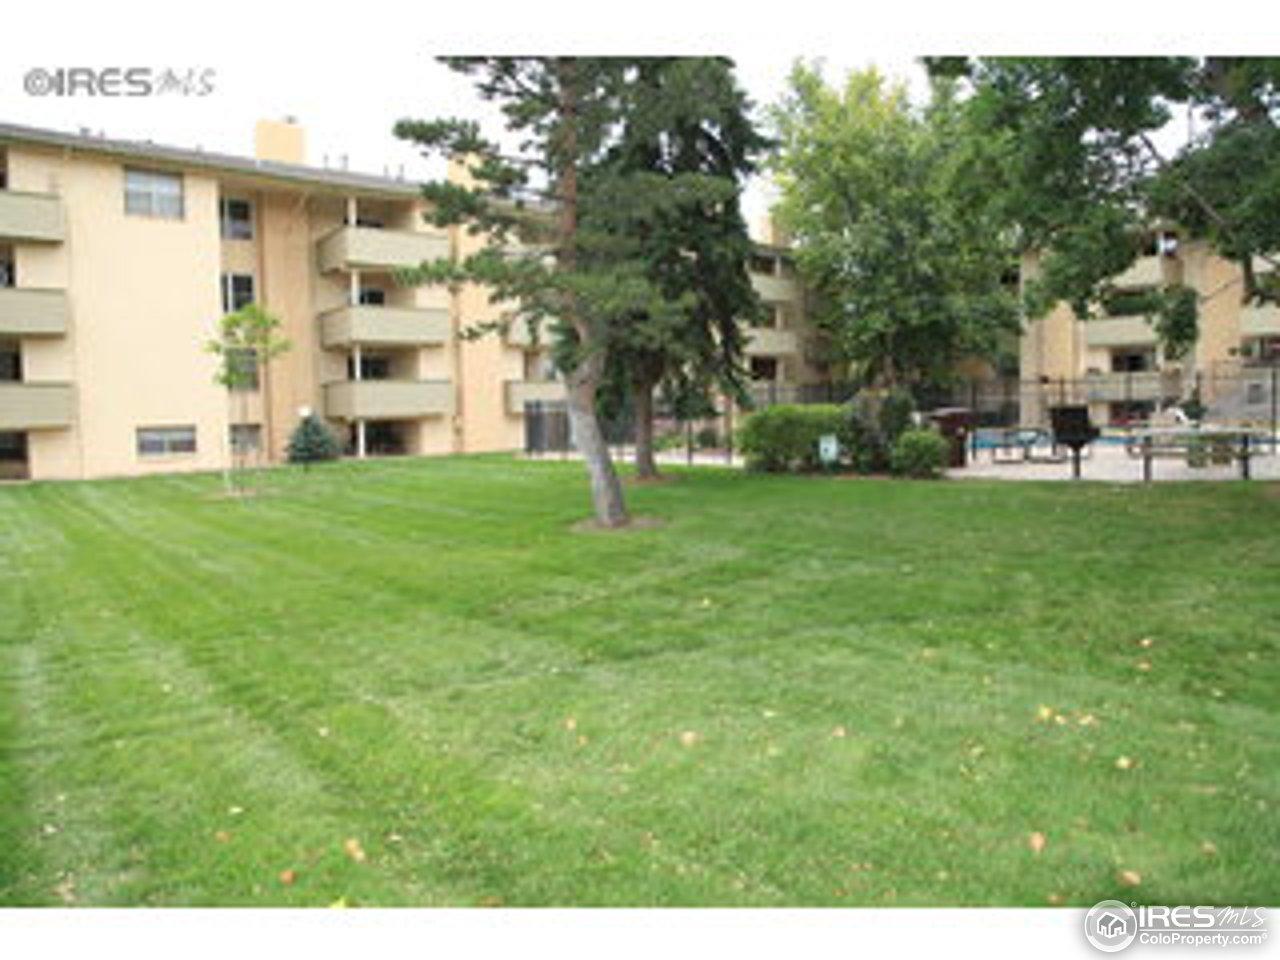 3035 Oneal Pkwy V-19, Boulder CO 80301